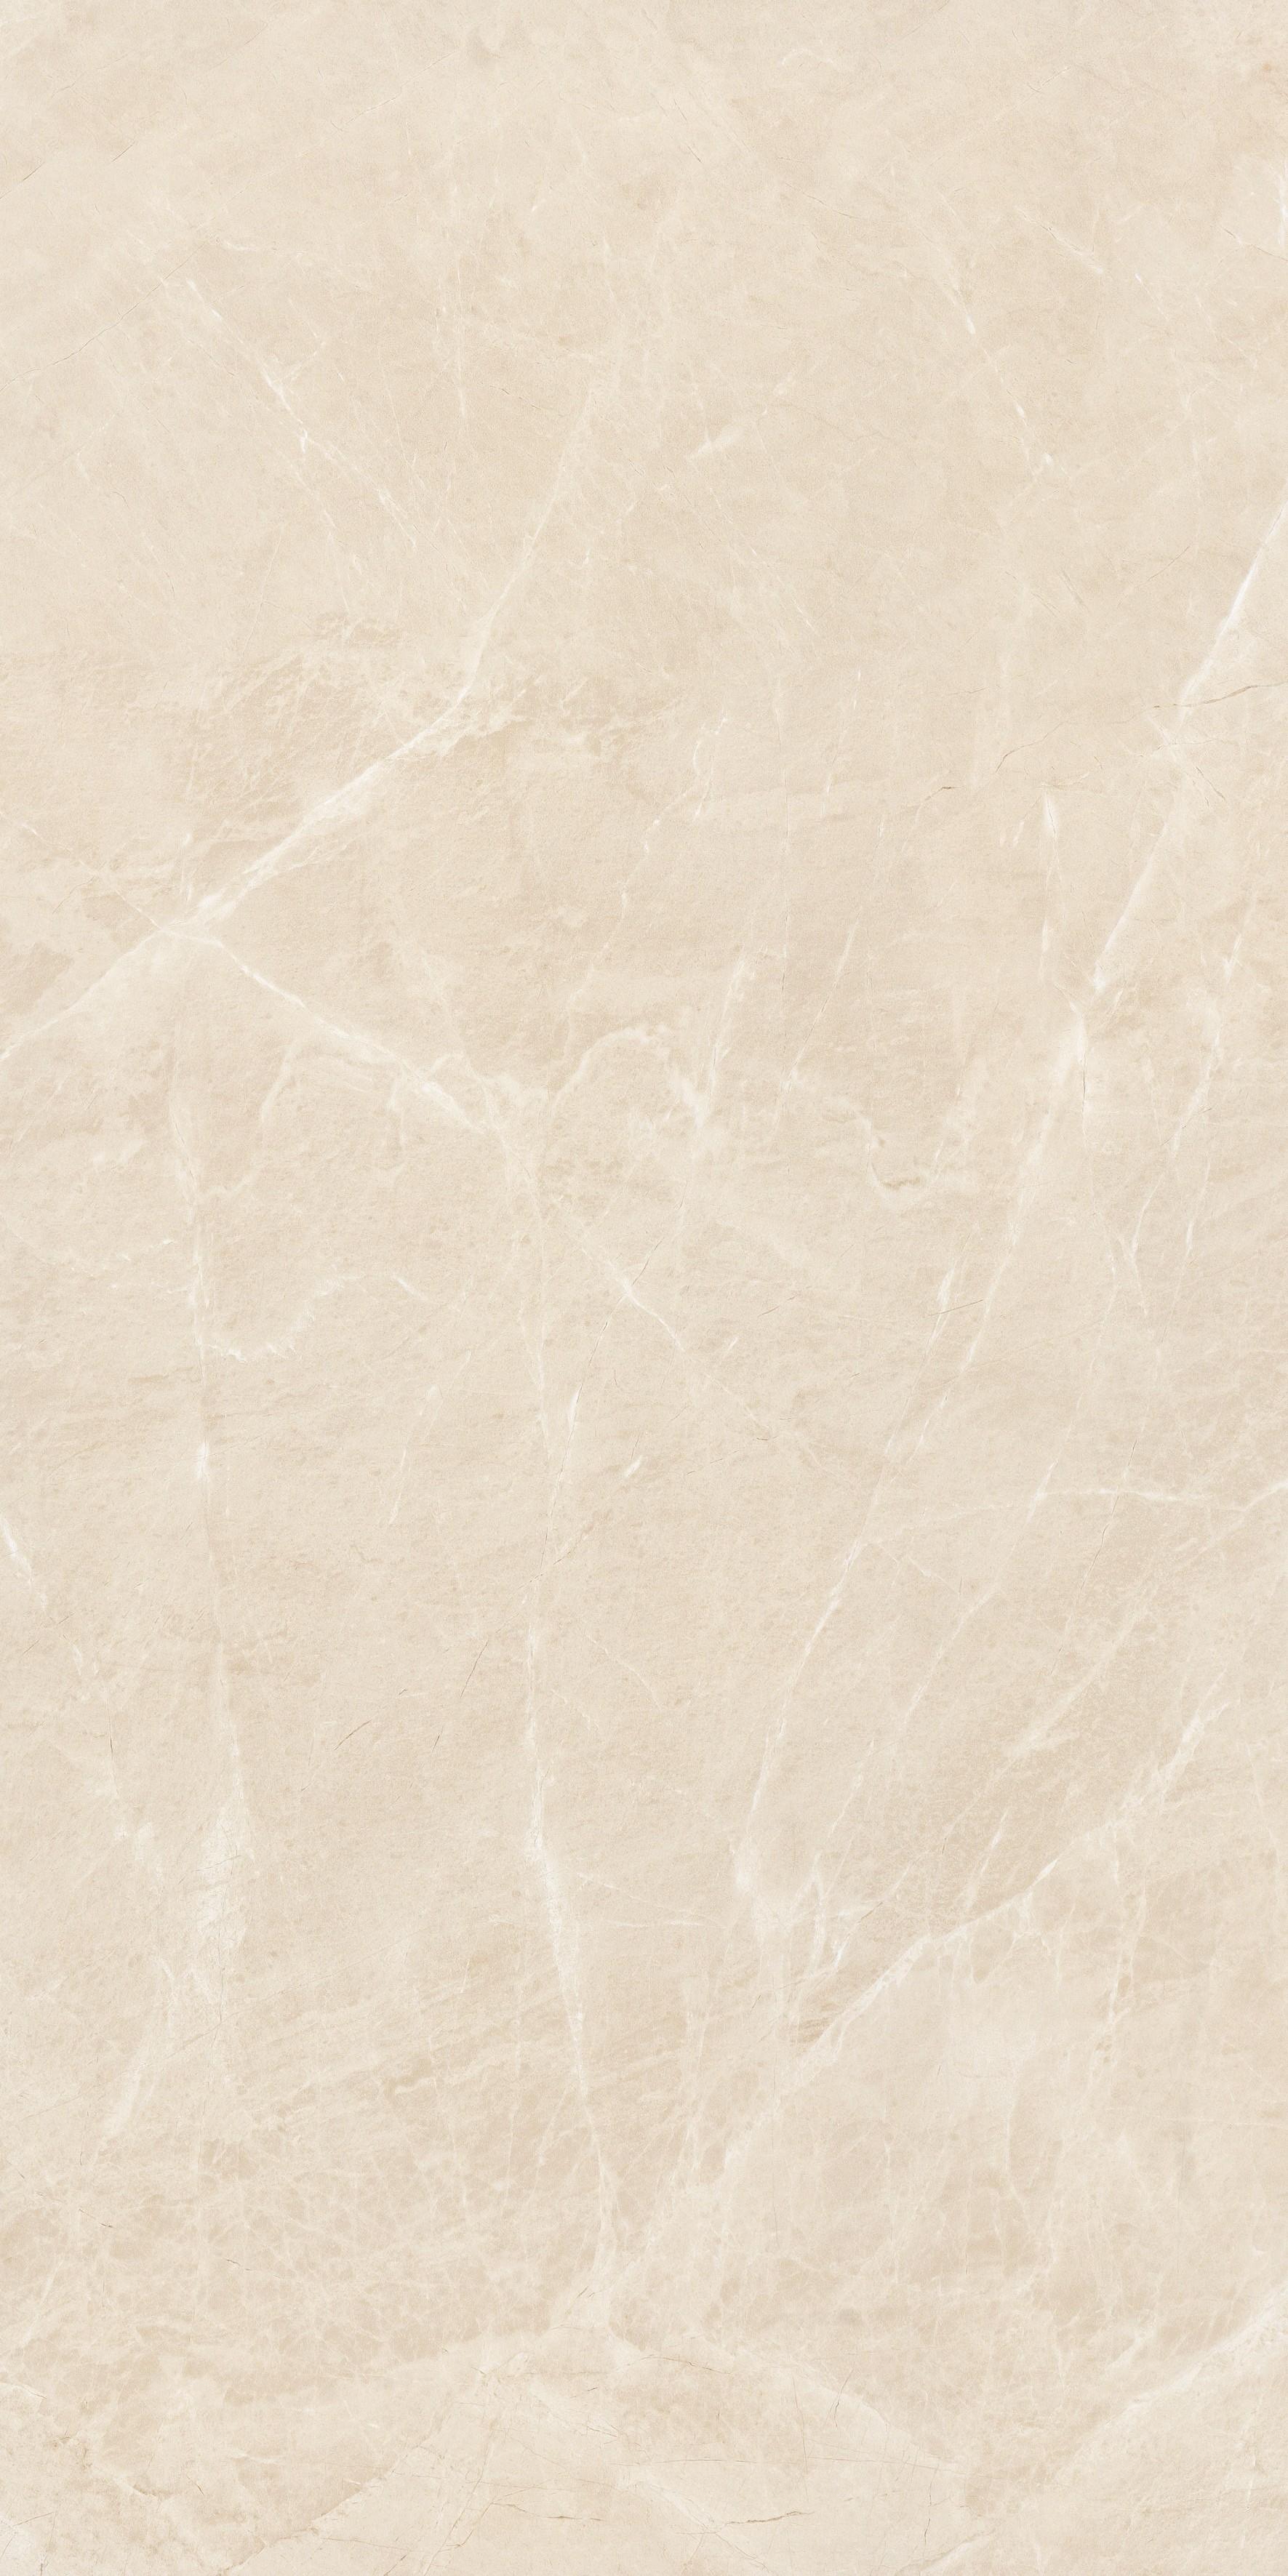 银河米黄 HPG26171  600x1200mm